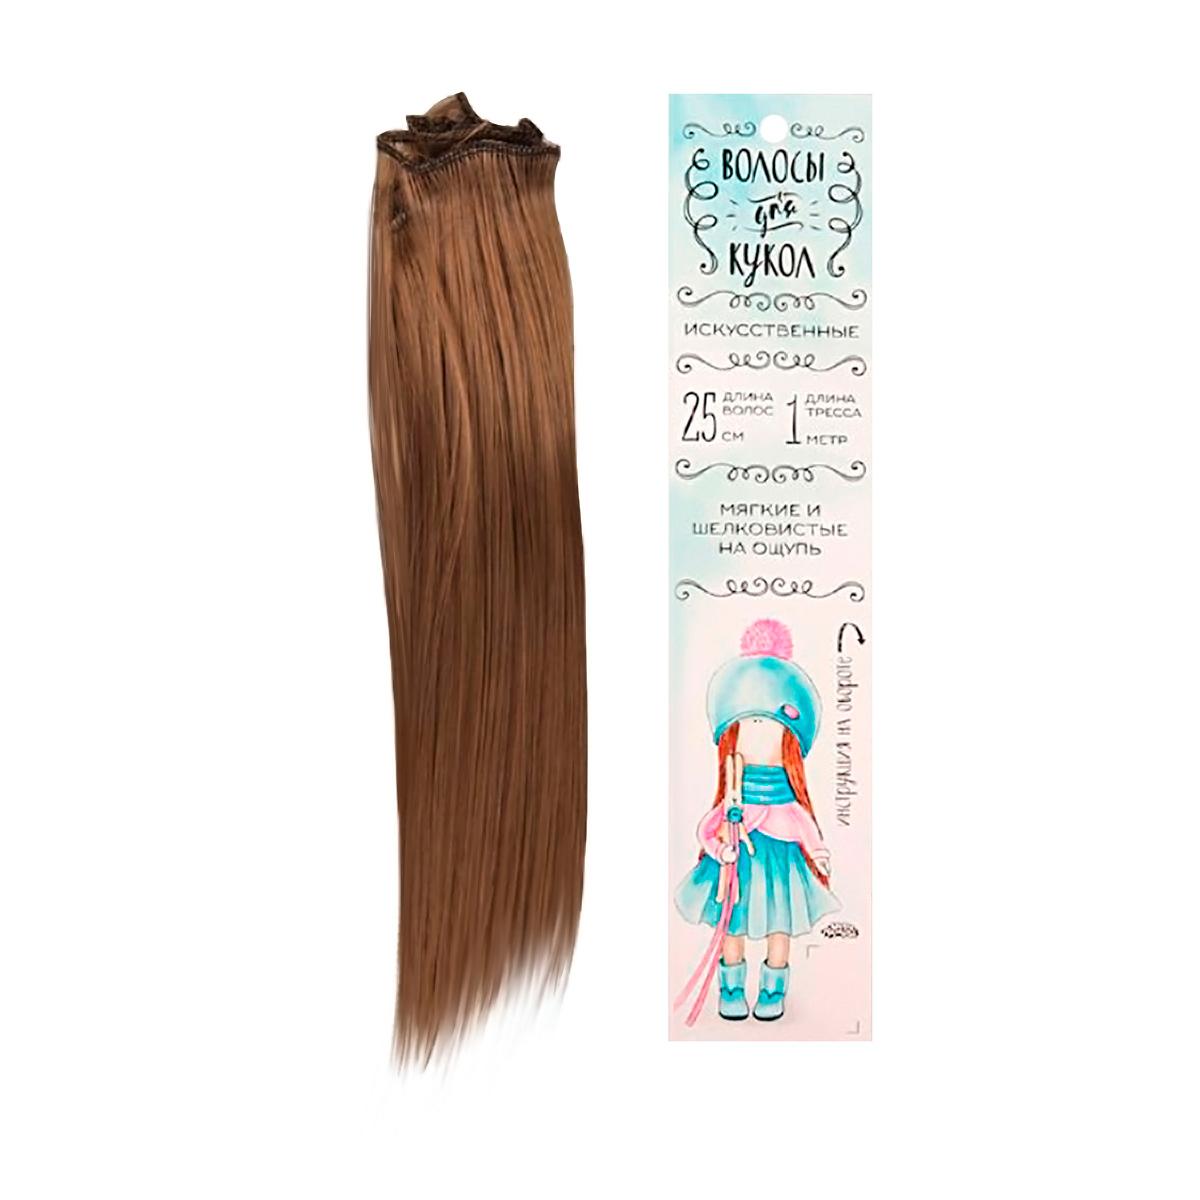 2294916 Волосы - тресс для кукол 'Прямые' длина волос 25 см, ширина 100 см, цвет № 18Т